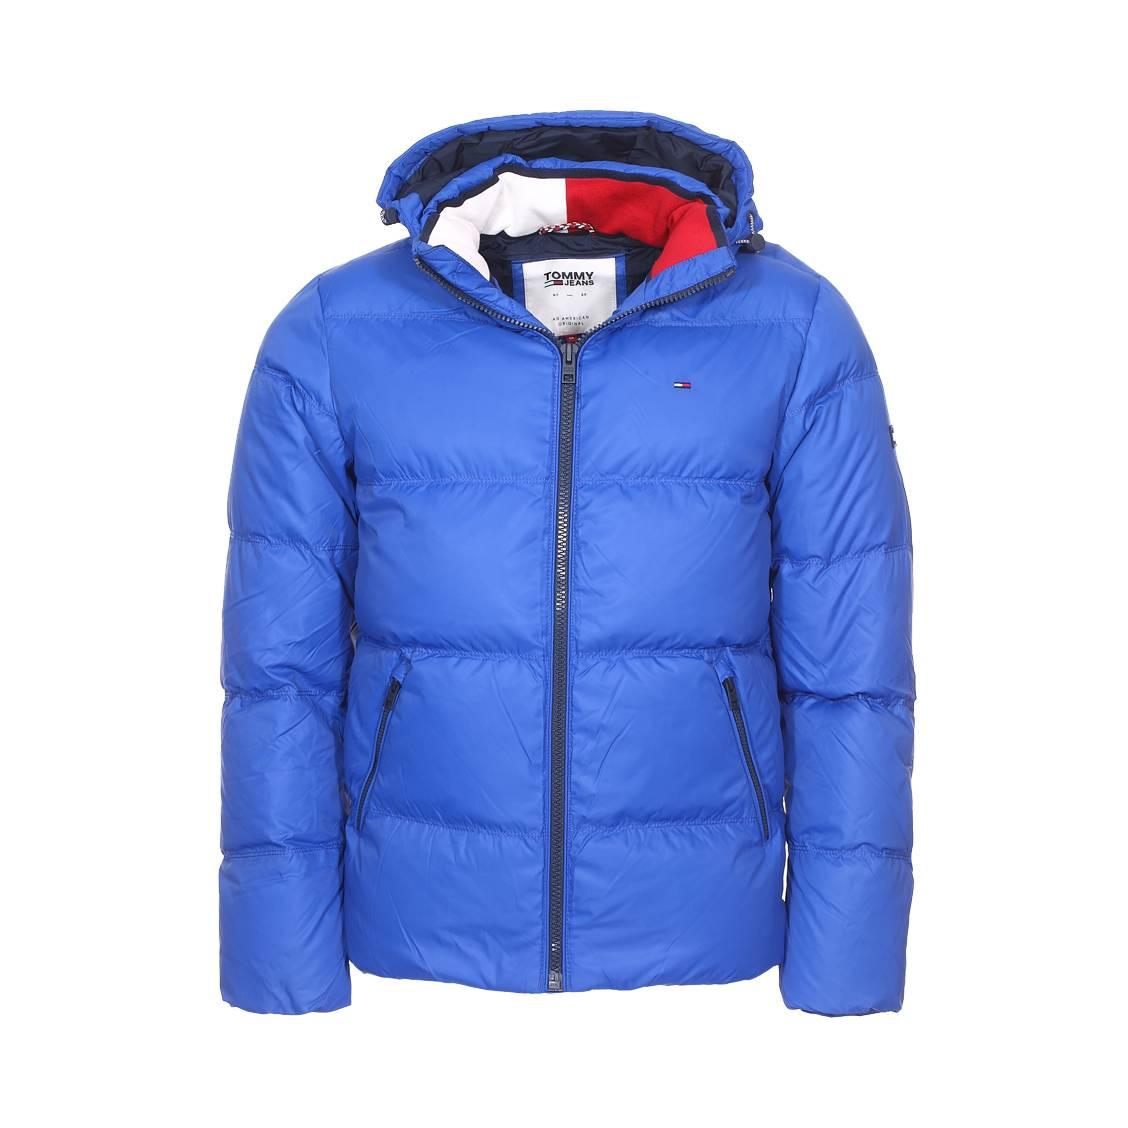 ed3840fb67e24 Doudoune à capuche amovible Tommy Jeans Essential bleu roi en duvet ...